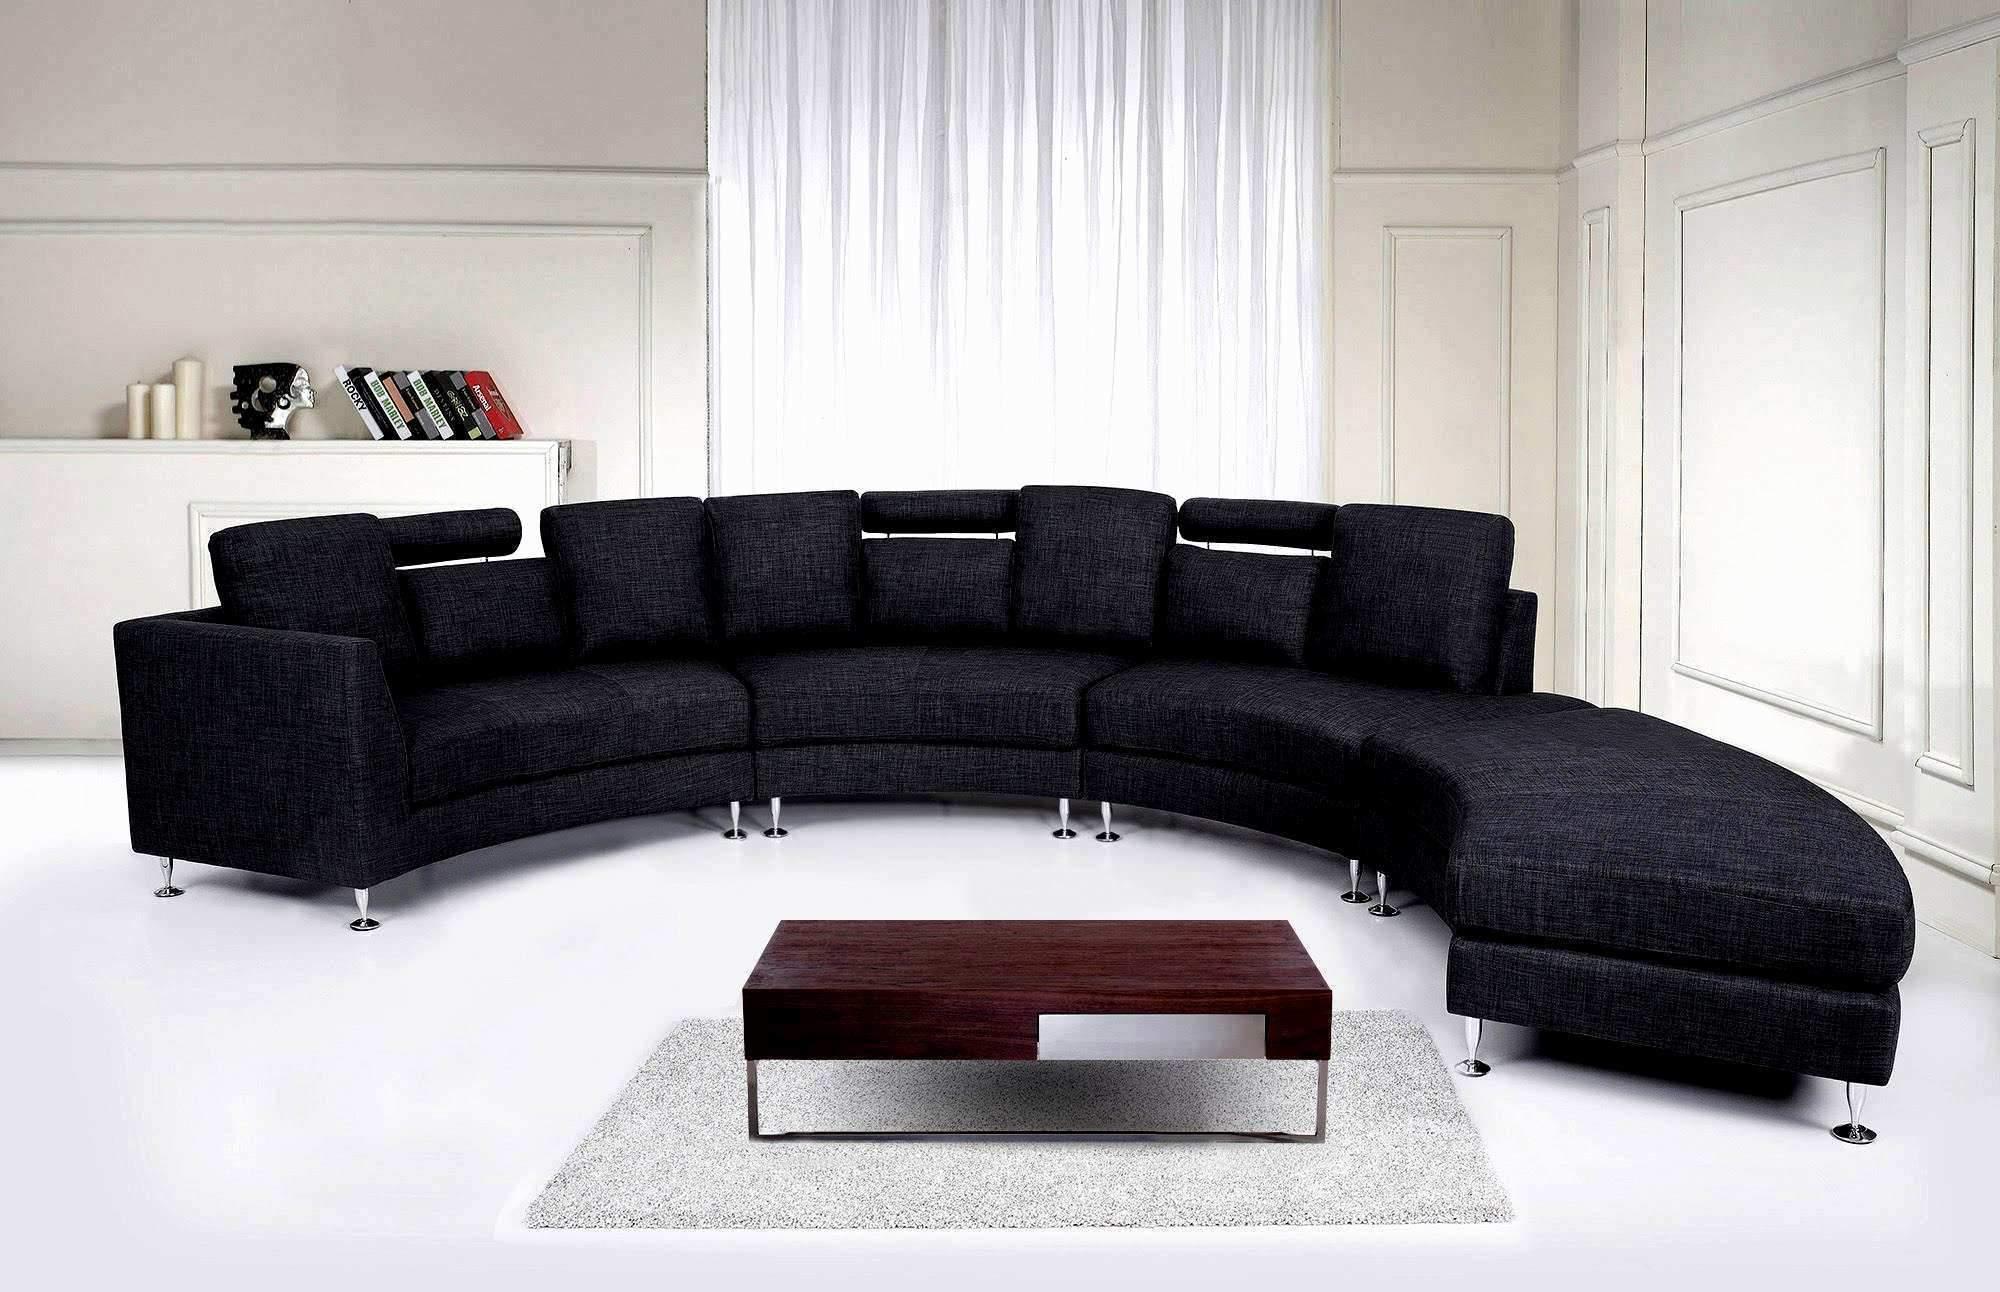 wohnzimmer stuhle frisch 59 luxus tisch und stuhle das beste von of wohnzimmer stuhle